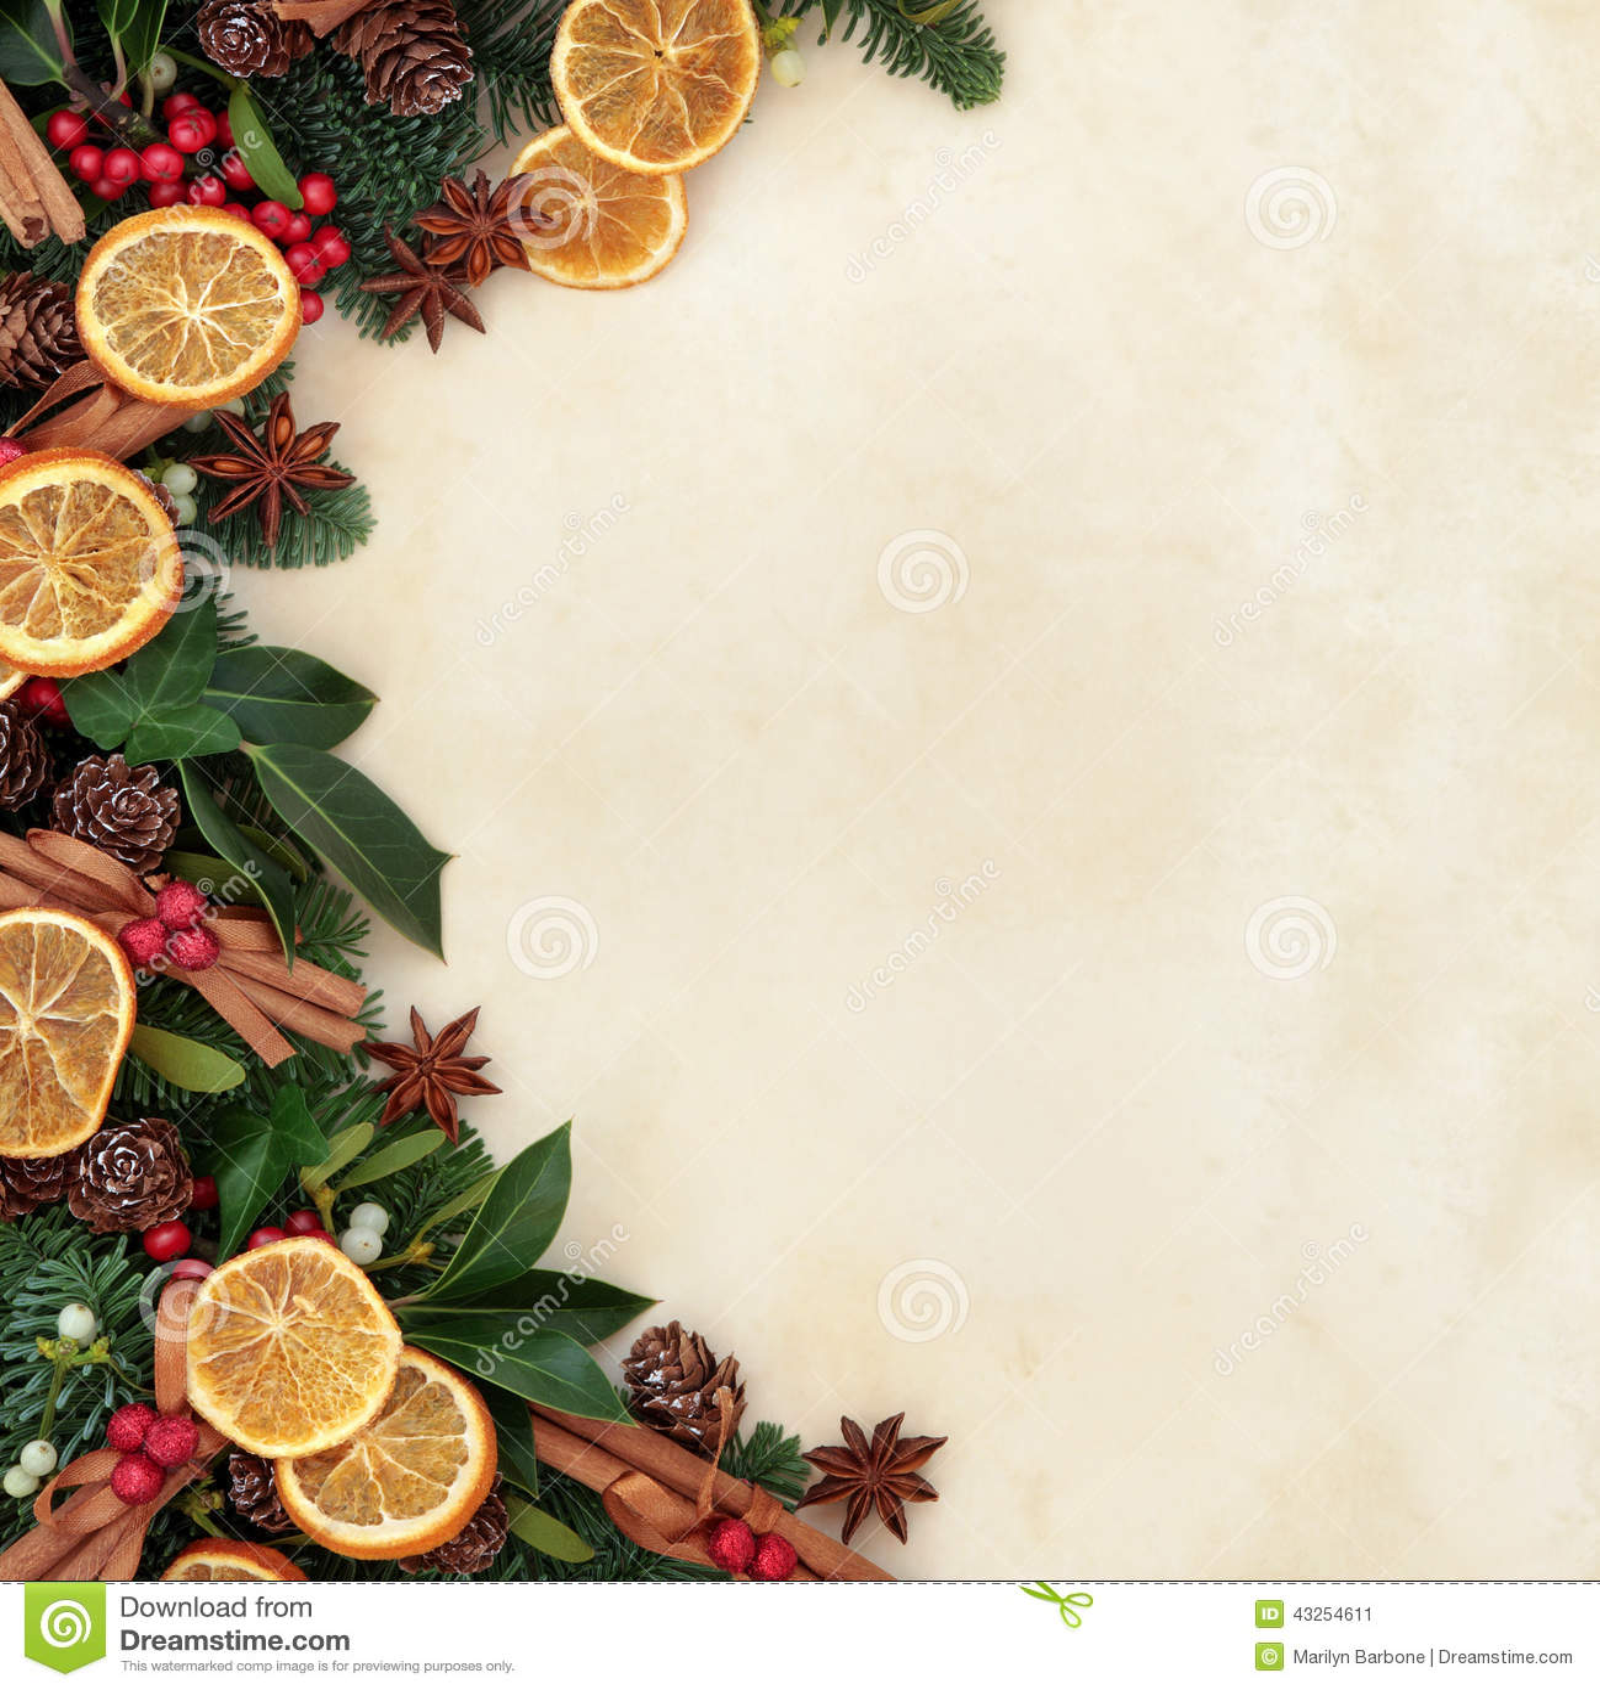 Festive Fruit Stock Photo Image 43254611